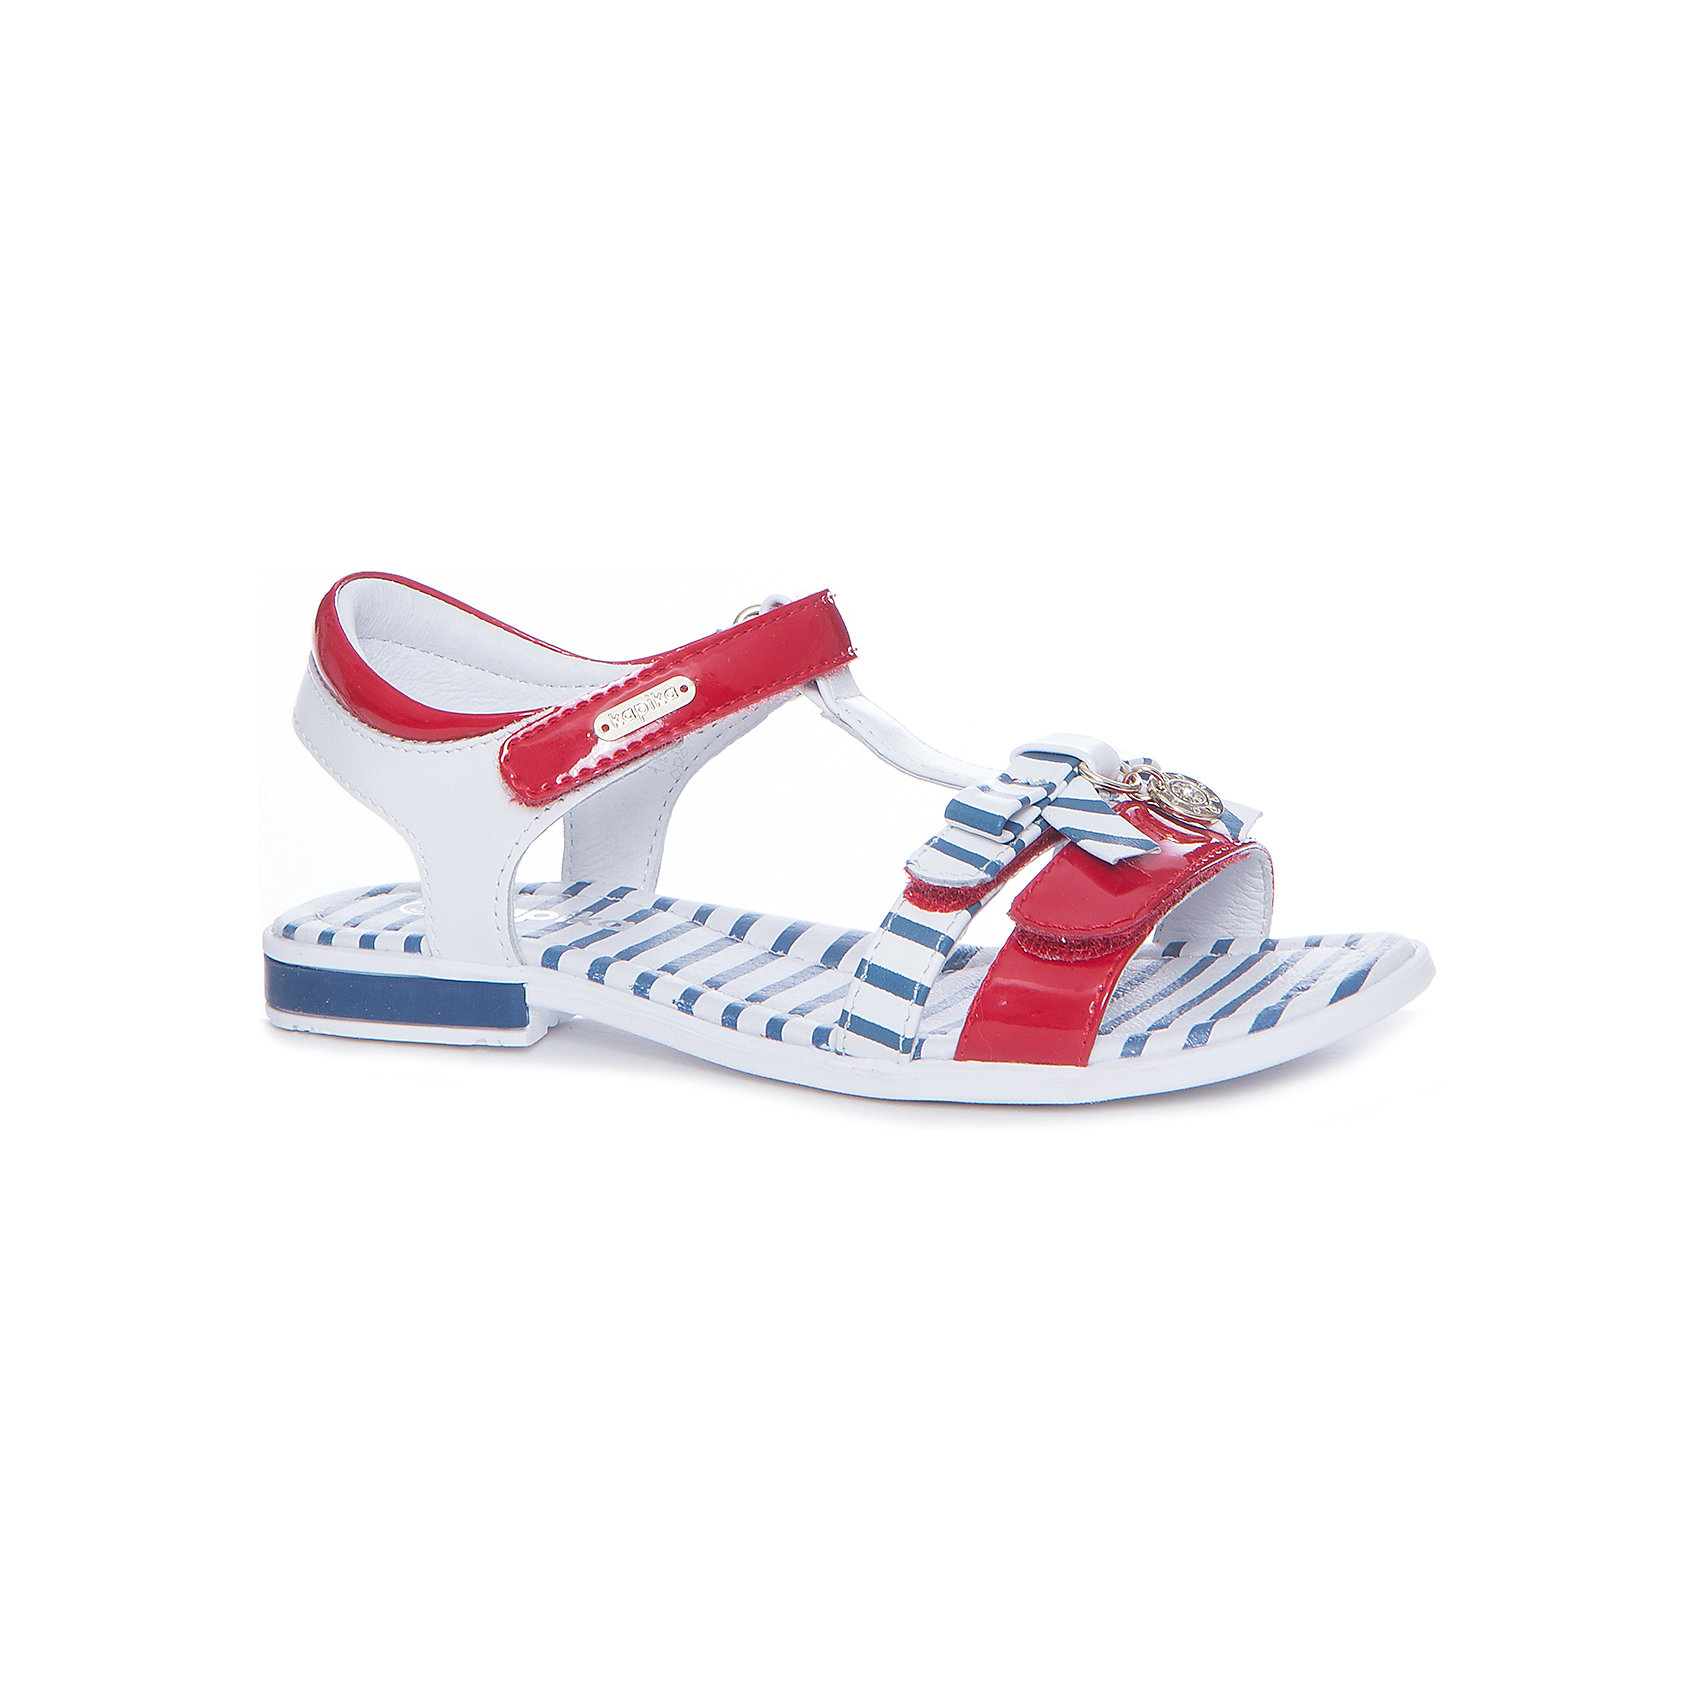 Босоножки для девочки KAPIKA, красный, синий в полоскуБосоножки<br>Характеристики товара:<br><br>• цвет: красный, синий в полоску<br>• тип обуви: анатомическая<br>• внешний материал обуви: натуральная кожа, экокожа<br>• внутренний материал: натуральная кожа<br>• стелька: натуральная кожа<br>• подошва: ТЭП<br>• с открытым мысом и открытой пяткой<br>• тип застежки: на липучке<br>• сезон: лето<br>• страна бренда: Россия<br>• страна изготовитель: Китай<br><br>Босоножки для девочки от российского бренда Kapika (Капика) можно купить в нашем интернет-магазине.<br><br>Ширина мм: 227<br>Глубина мм: 145<br>Высота мм: 124<br>Вес г: 325<br>Цвет: разноцветный<br>Возраст от месяцев: 144<br>Возраст до месяцев: 156<br>Пол: Женский<br>Возраст: Детский<br>Размер: 36,30,31,32,33,34,35<br>SKU: 5323879